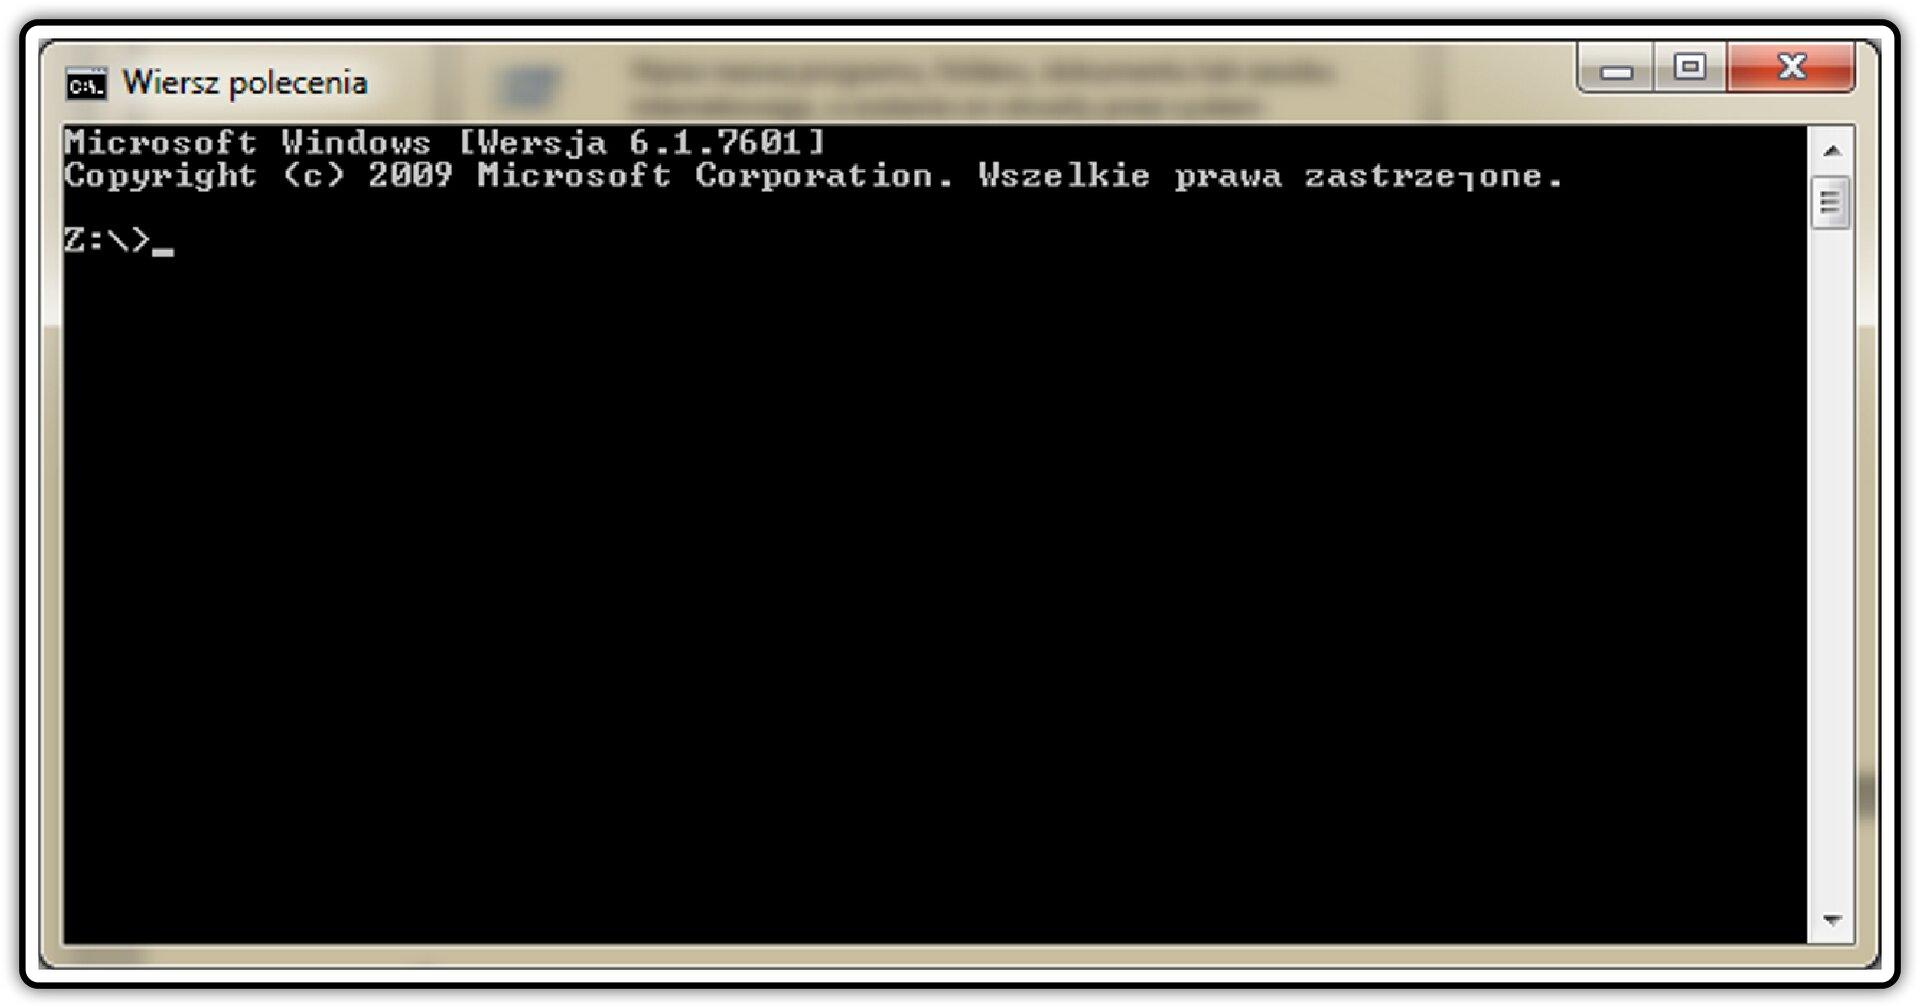 Zrzut okna: Wiersz polecenia wsystemie operacyjnym Windows